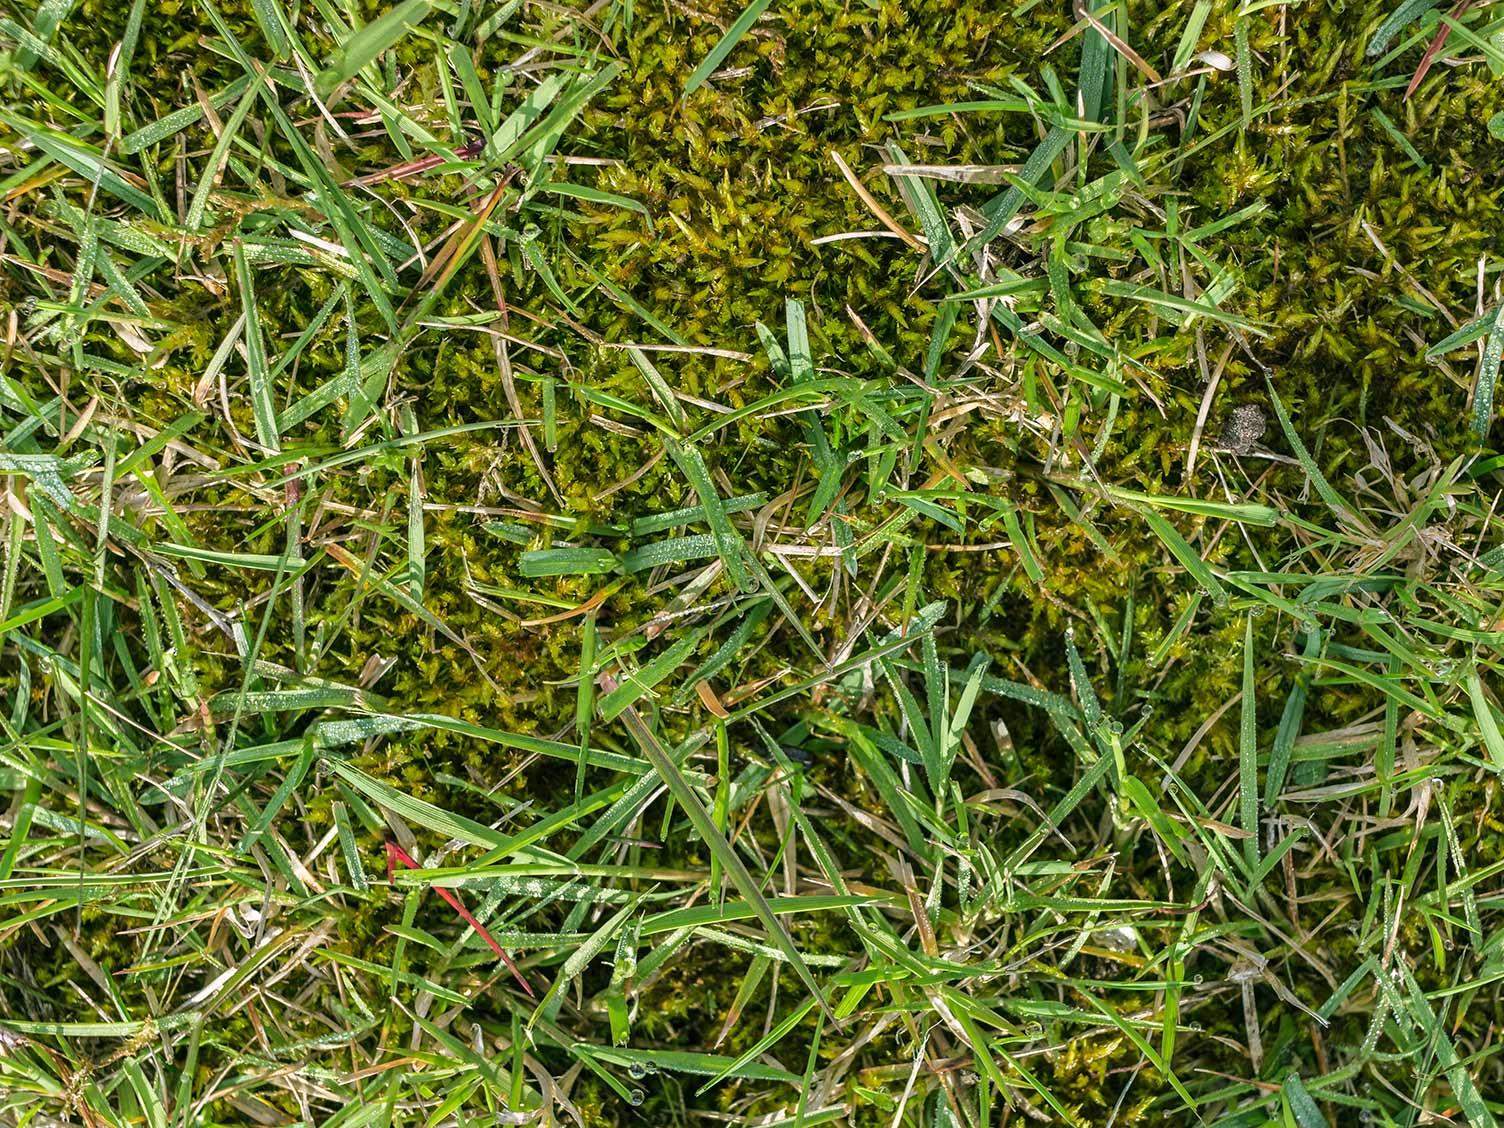 Moss in a lawn